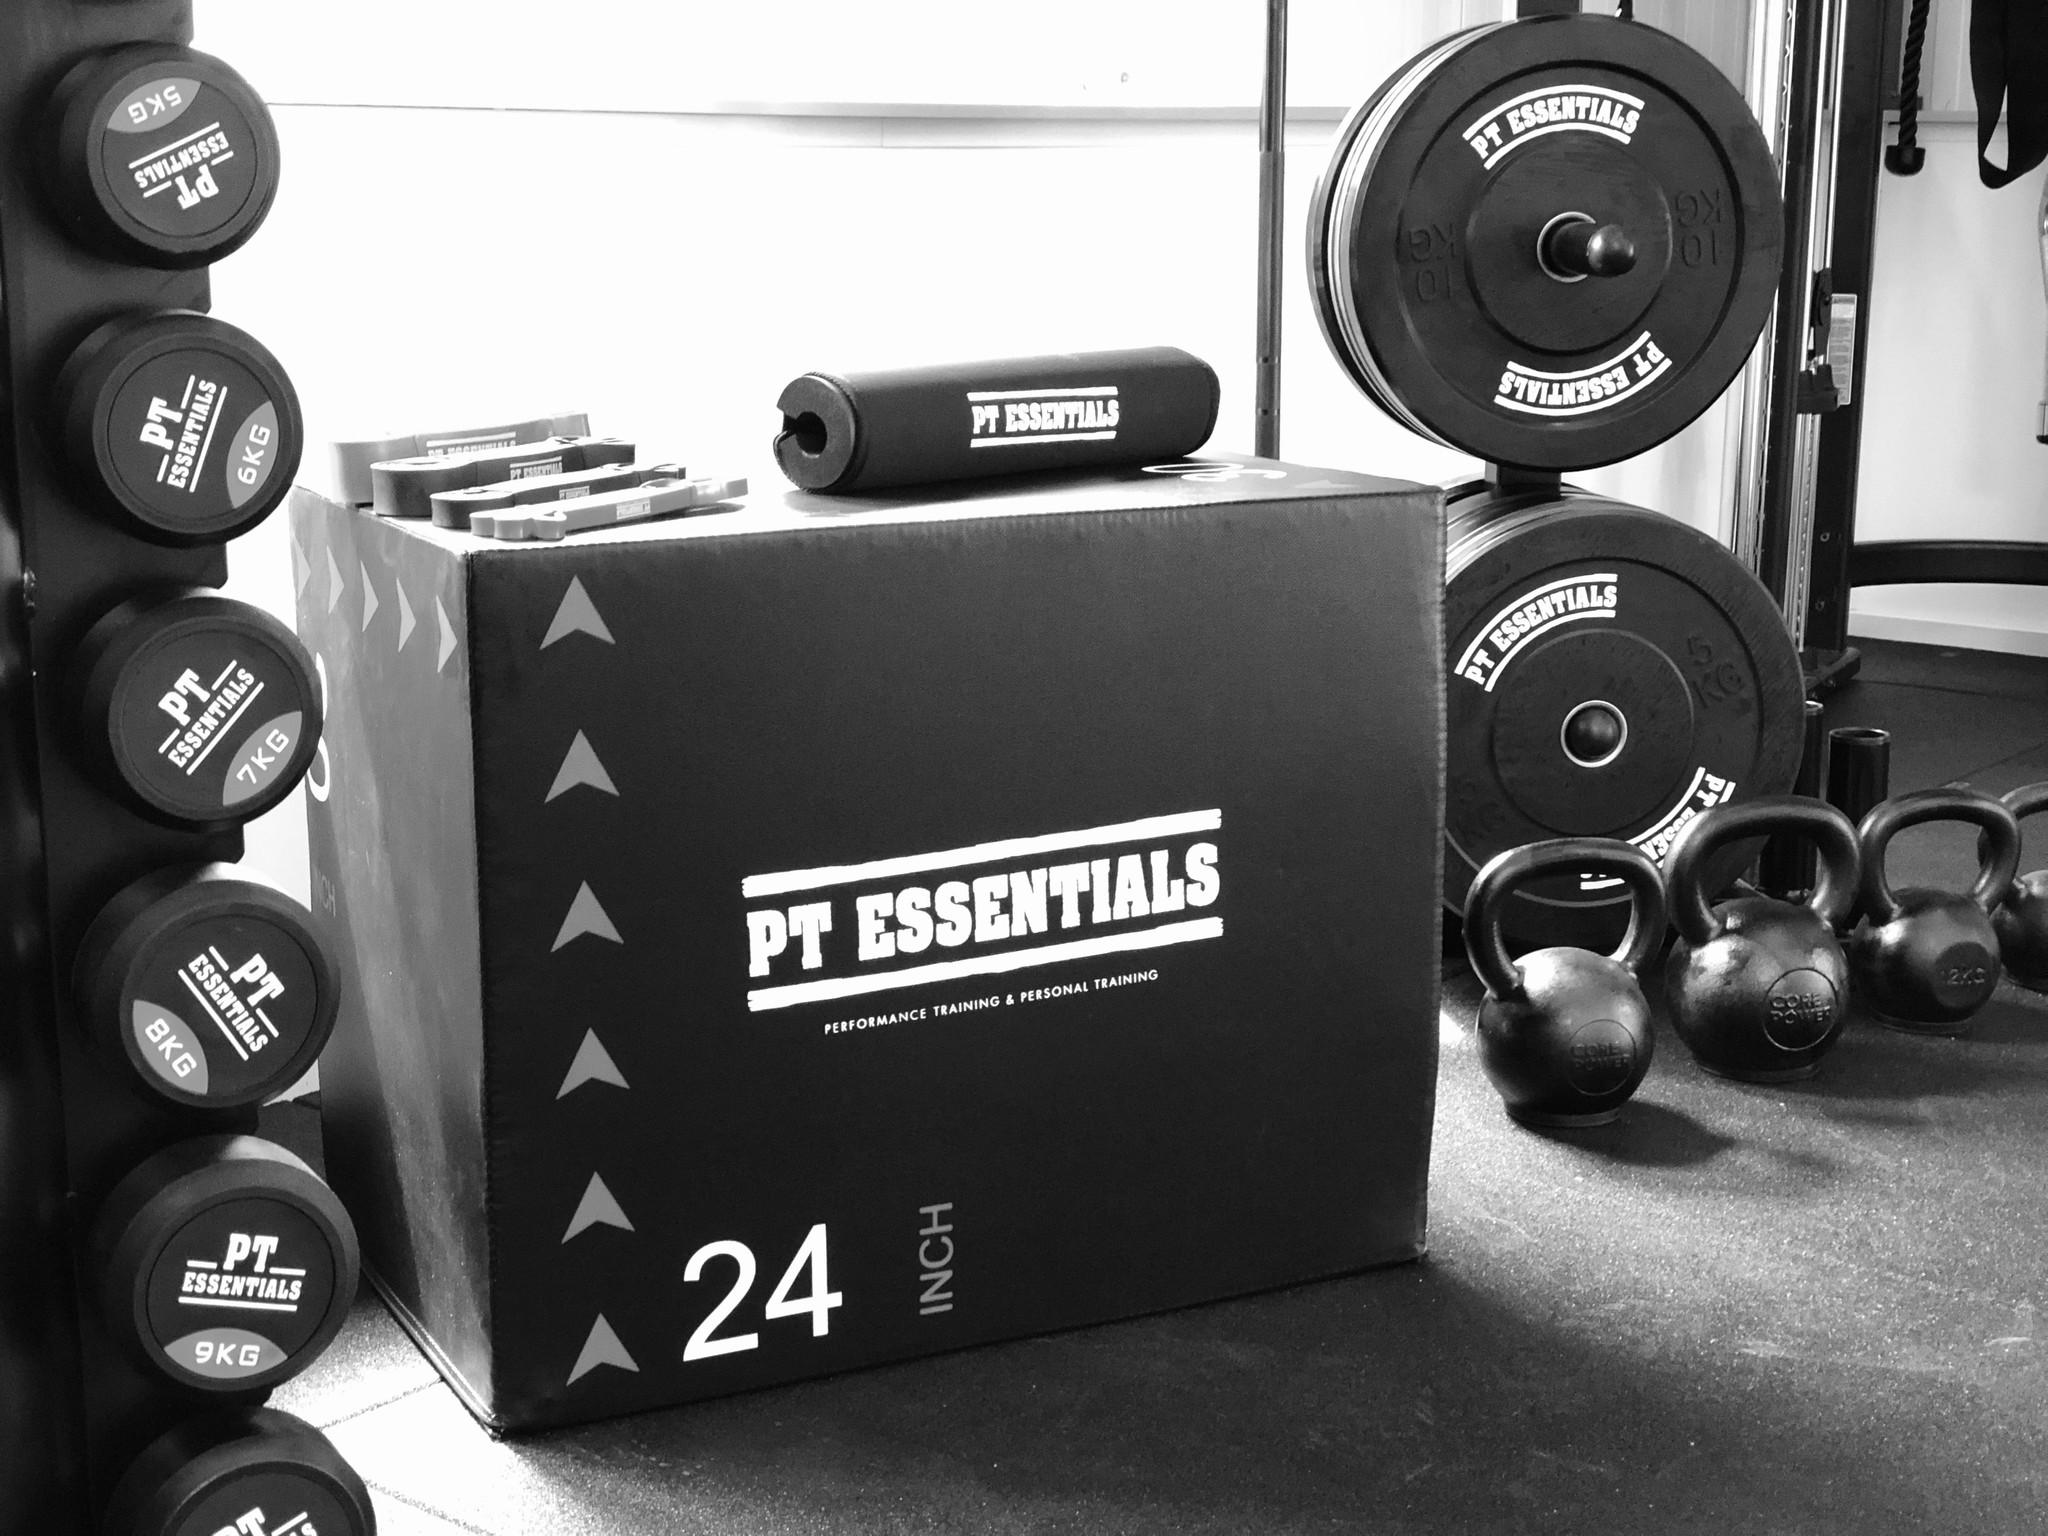 De meest gewilde fitnessmaterialen voor crossfit en functional fitness